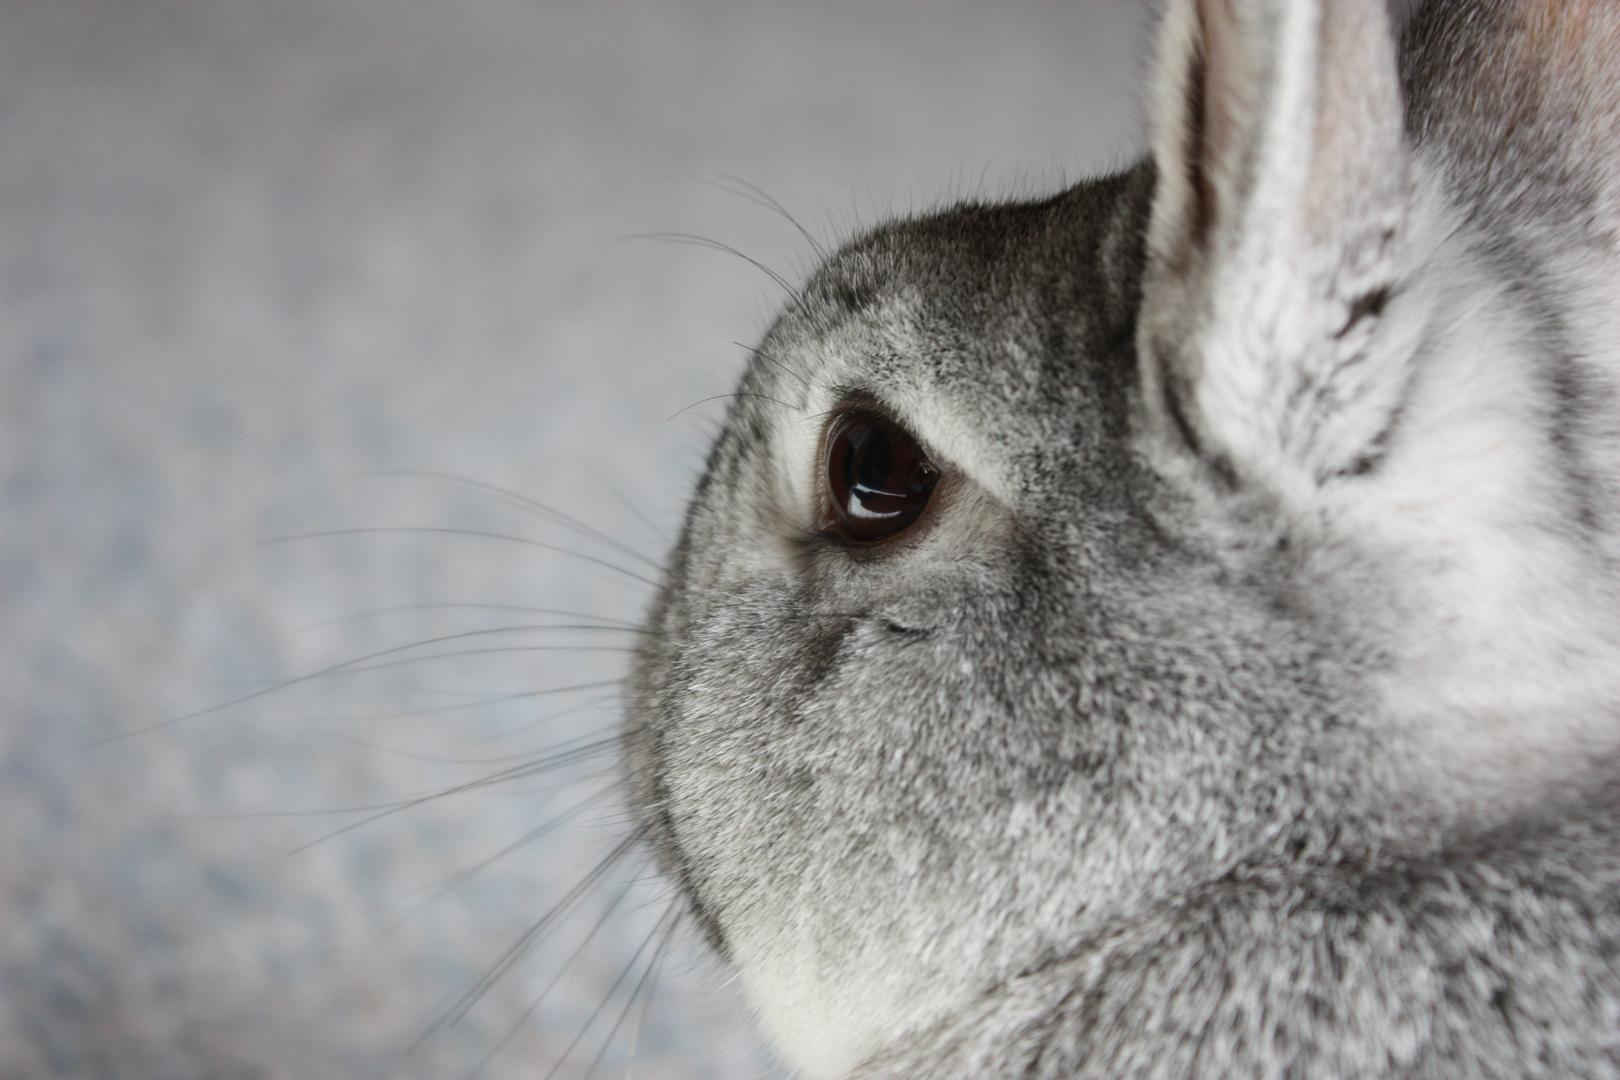 kaninchen grau in grau foto bild tiere haustiere nagetiere kaninchen bilder auf. Black Bedroom Furniture Sets. Home Design Ideas